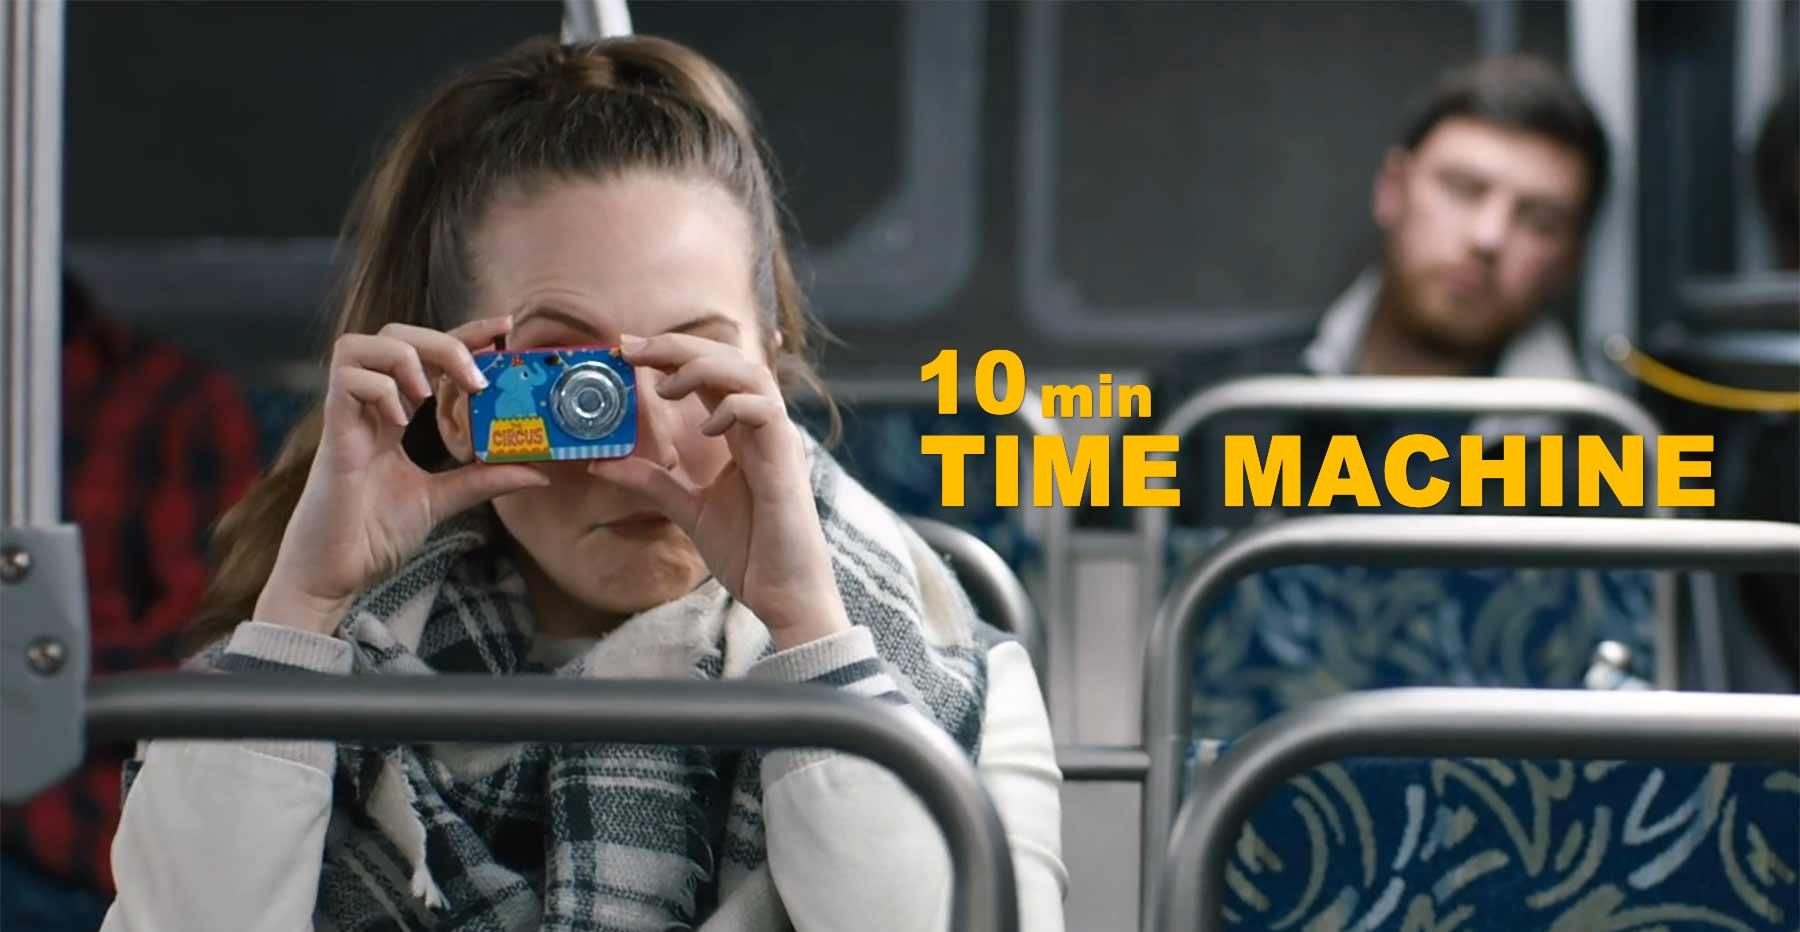 Ten Minute Time Machine   Curta-metragem de ficção científica onde casal viaja no tempo por 10 minutos